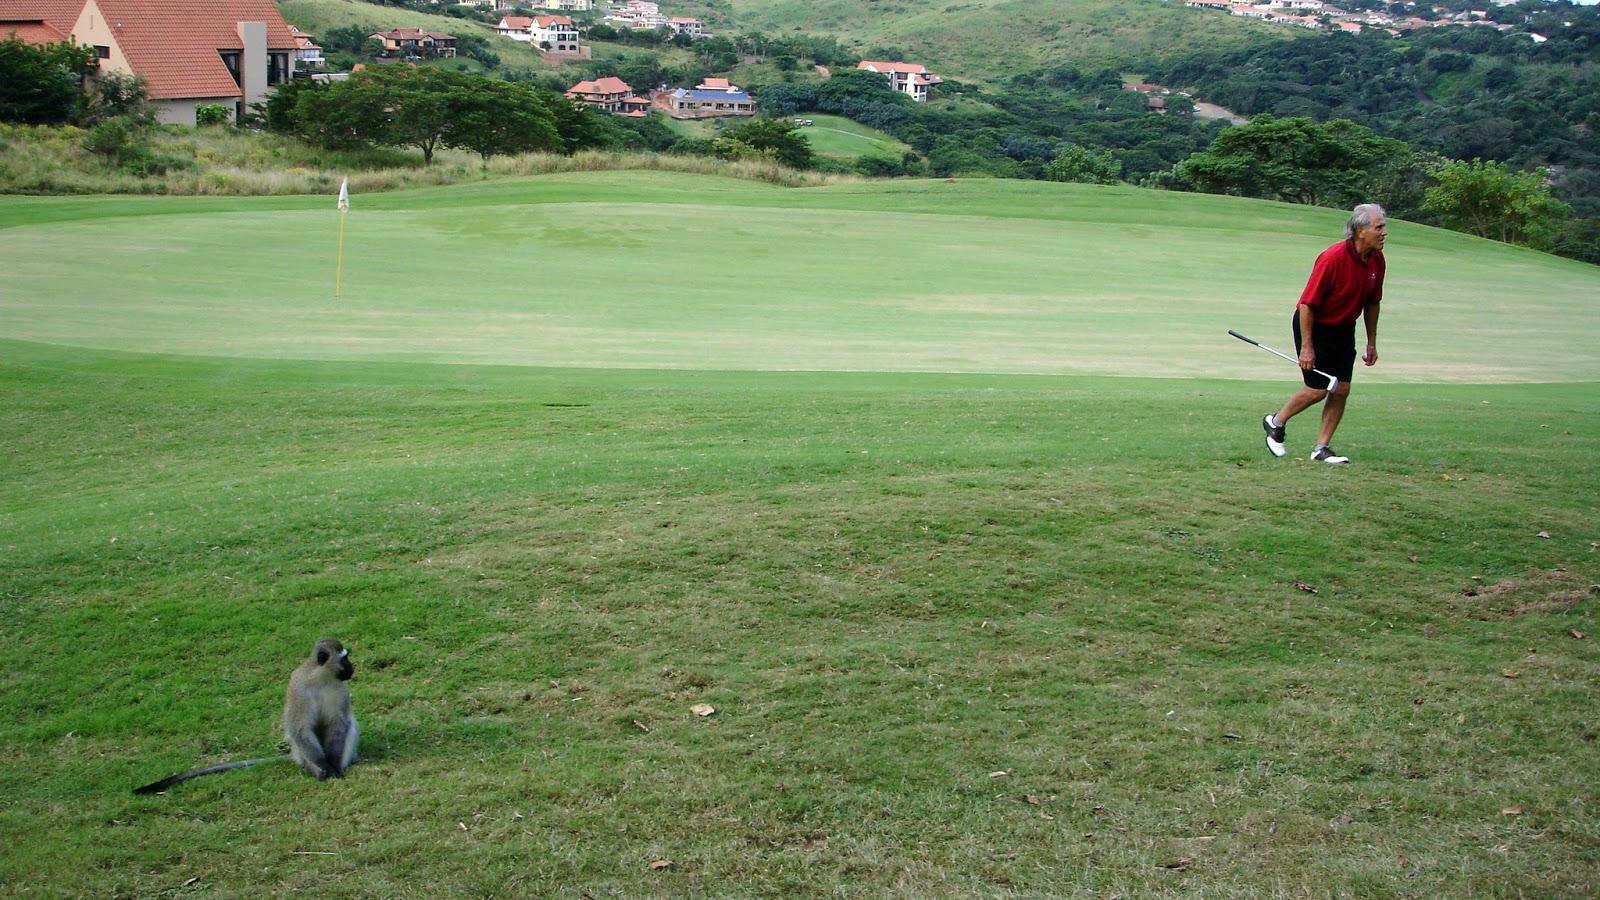 singe parcours golf afrique du sud